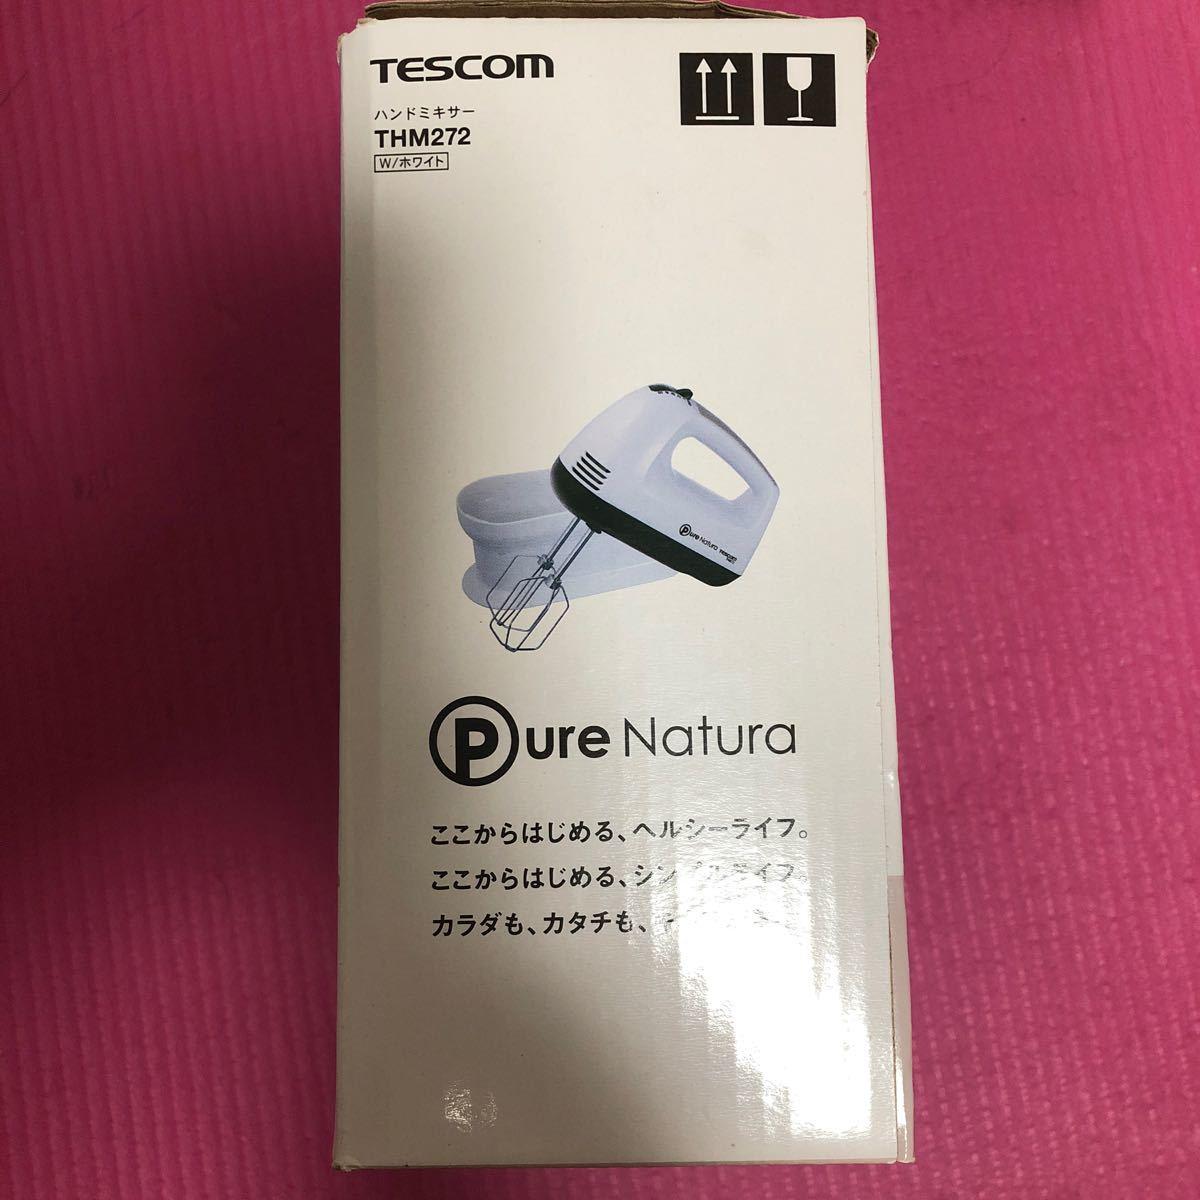 美品ハンドミキサー Pure Natura THM272-W (ホワイト)